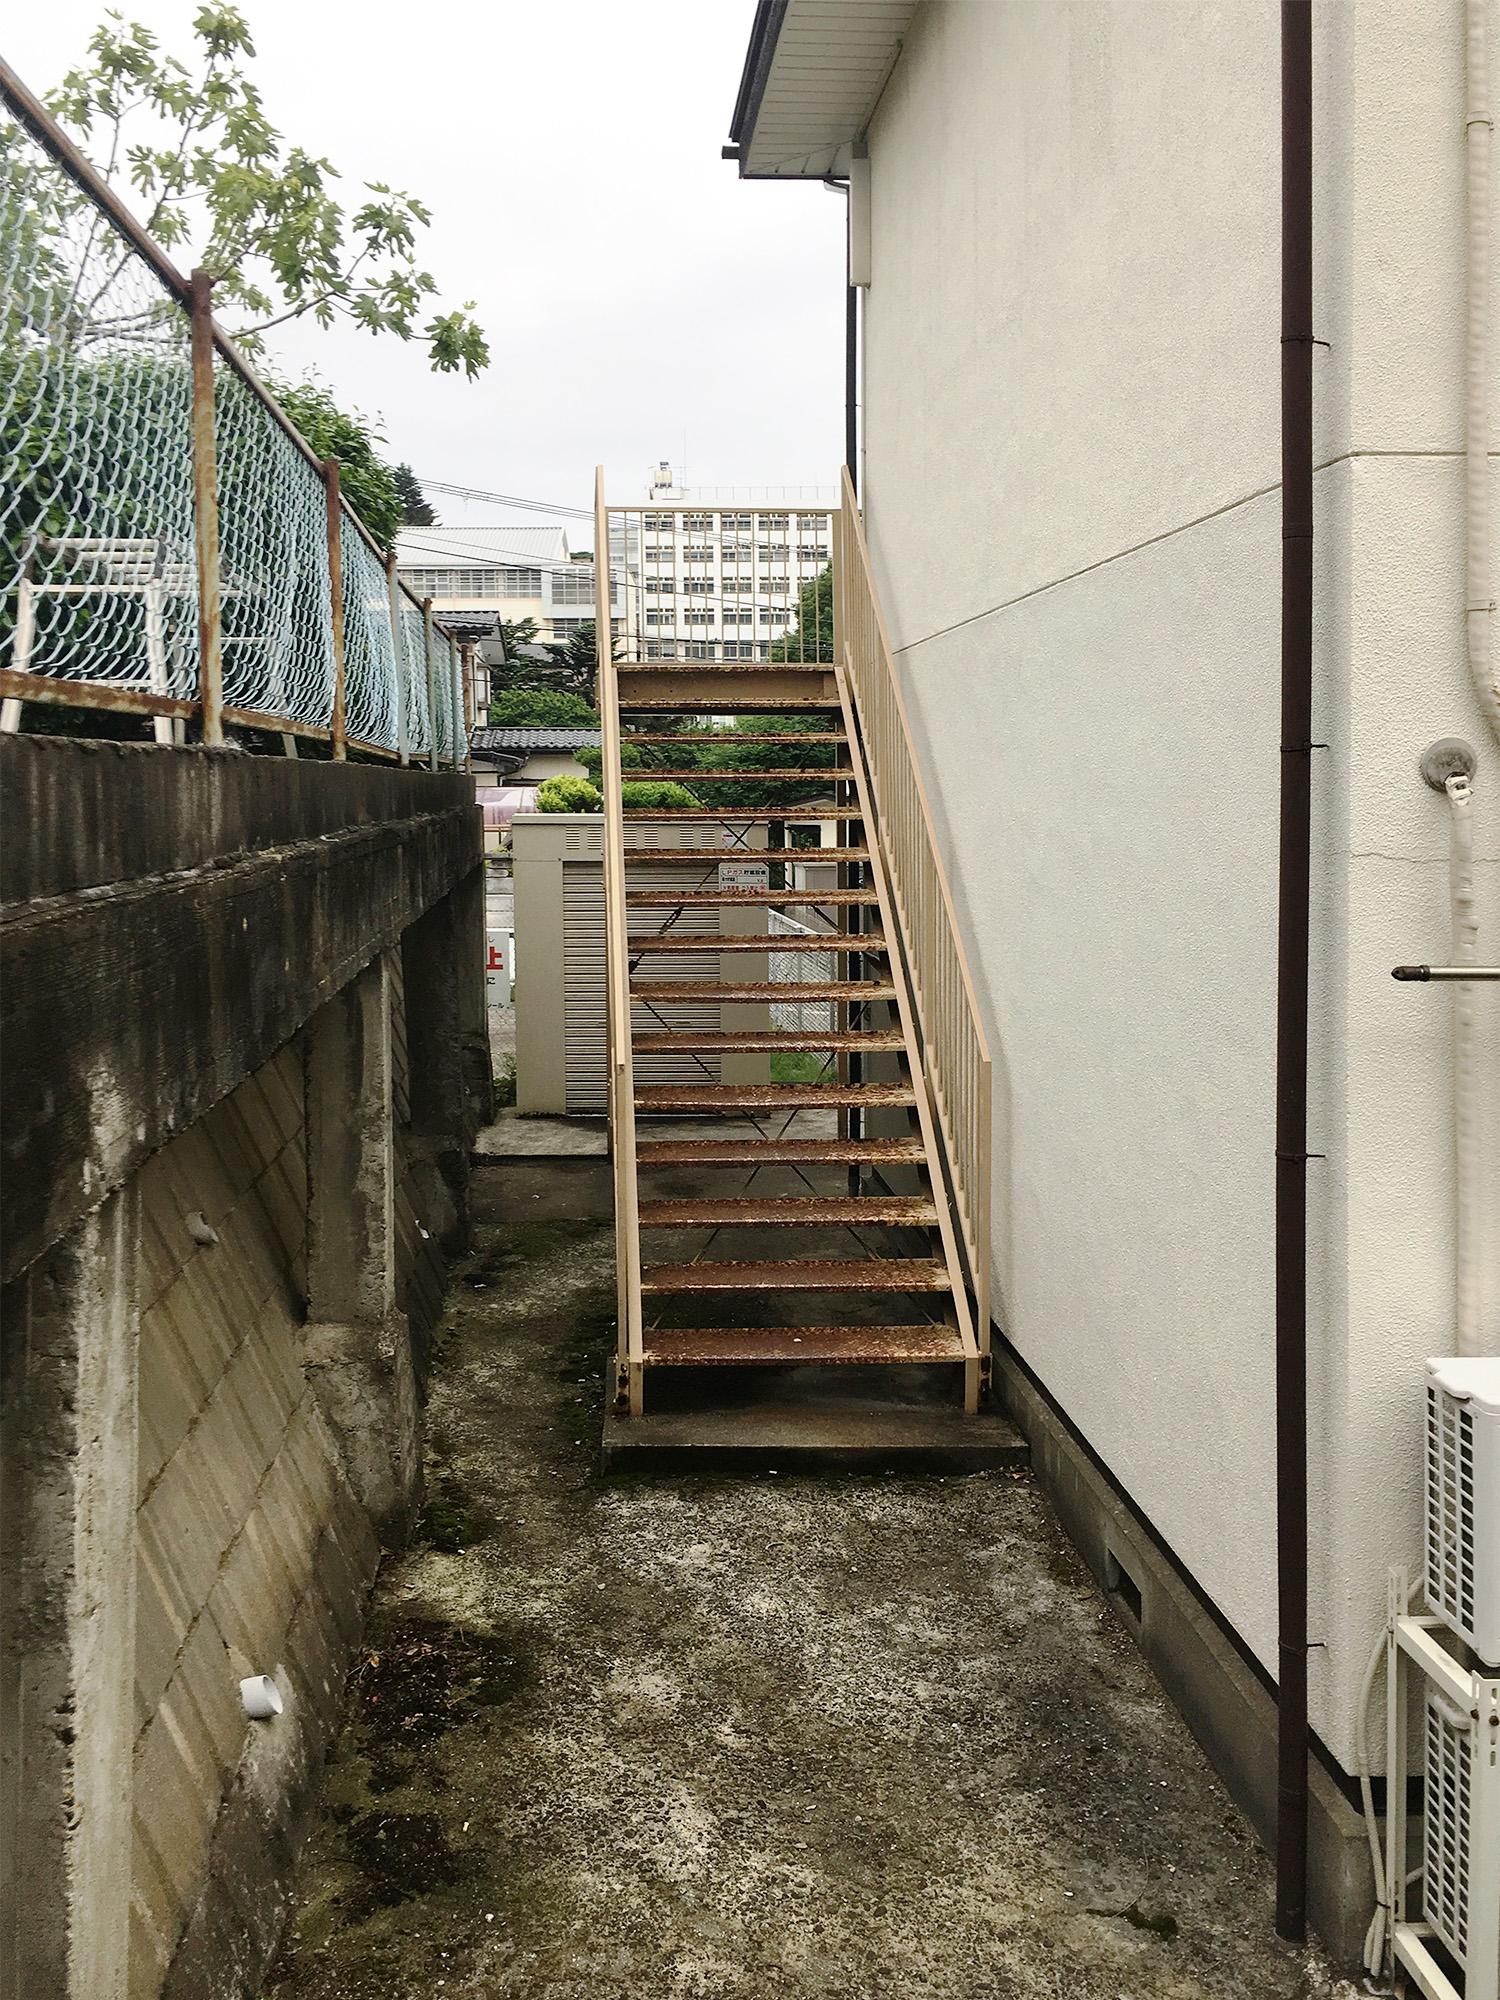 【ダイク株式会社】アパートの外部階段が劣化してきた・・・